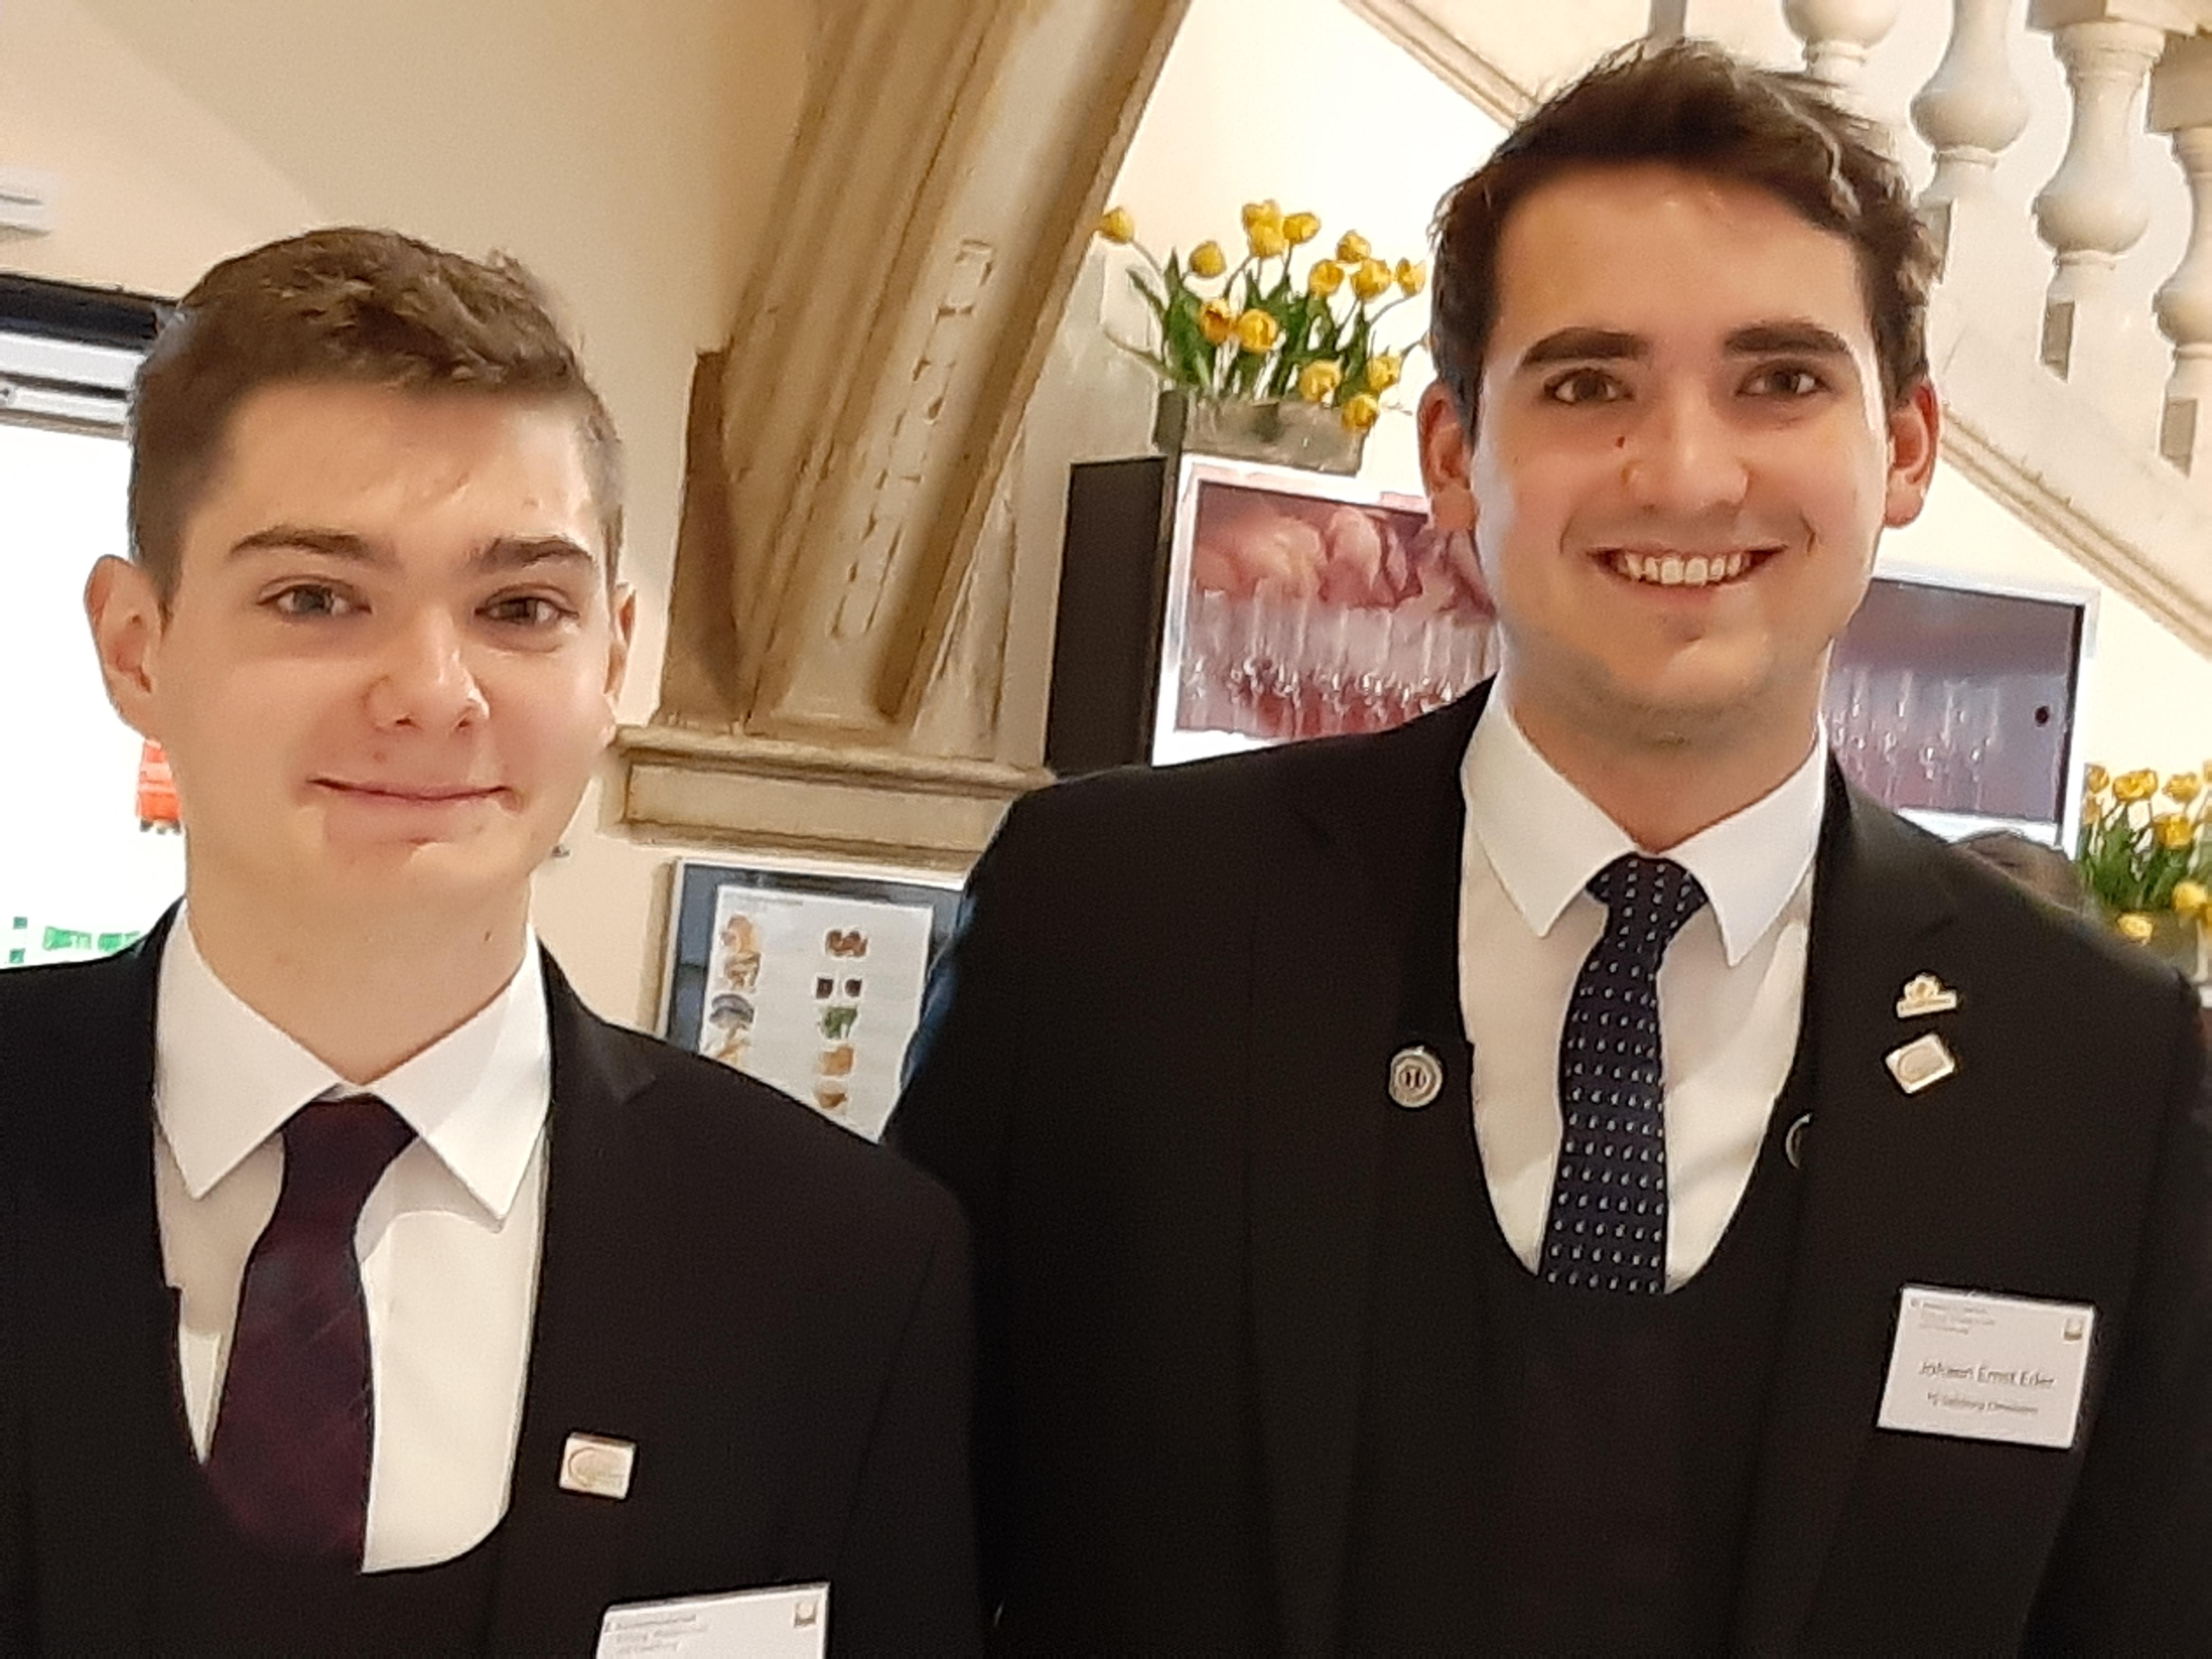 Die beiden strahlenden Klessheimer Kandidaten beim JS-Ö-Wettbewerb 2018/19